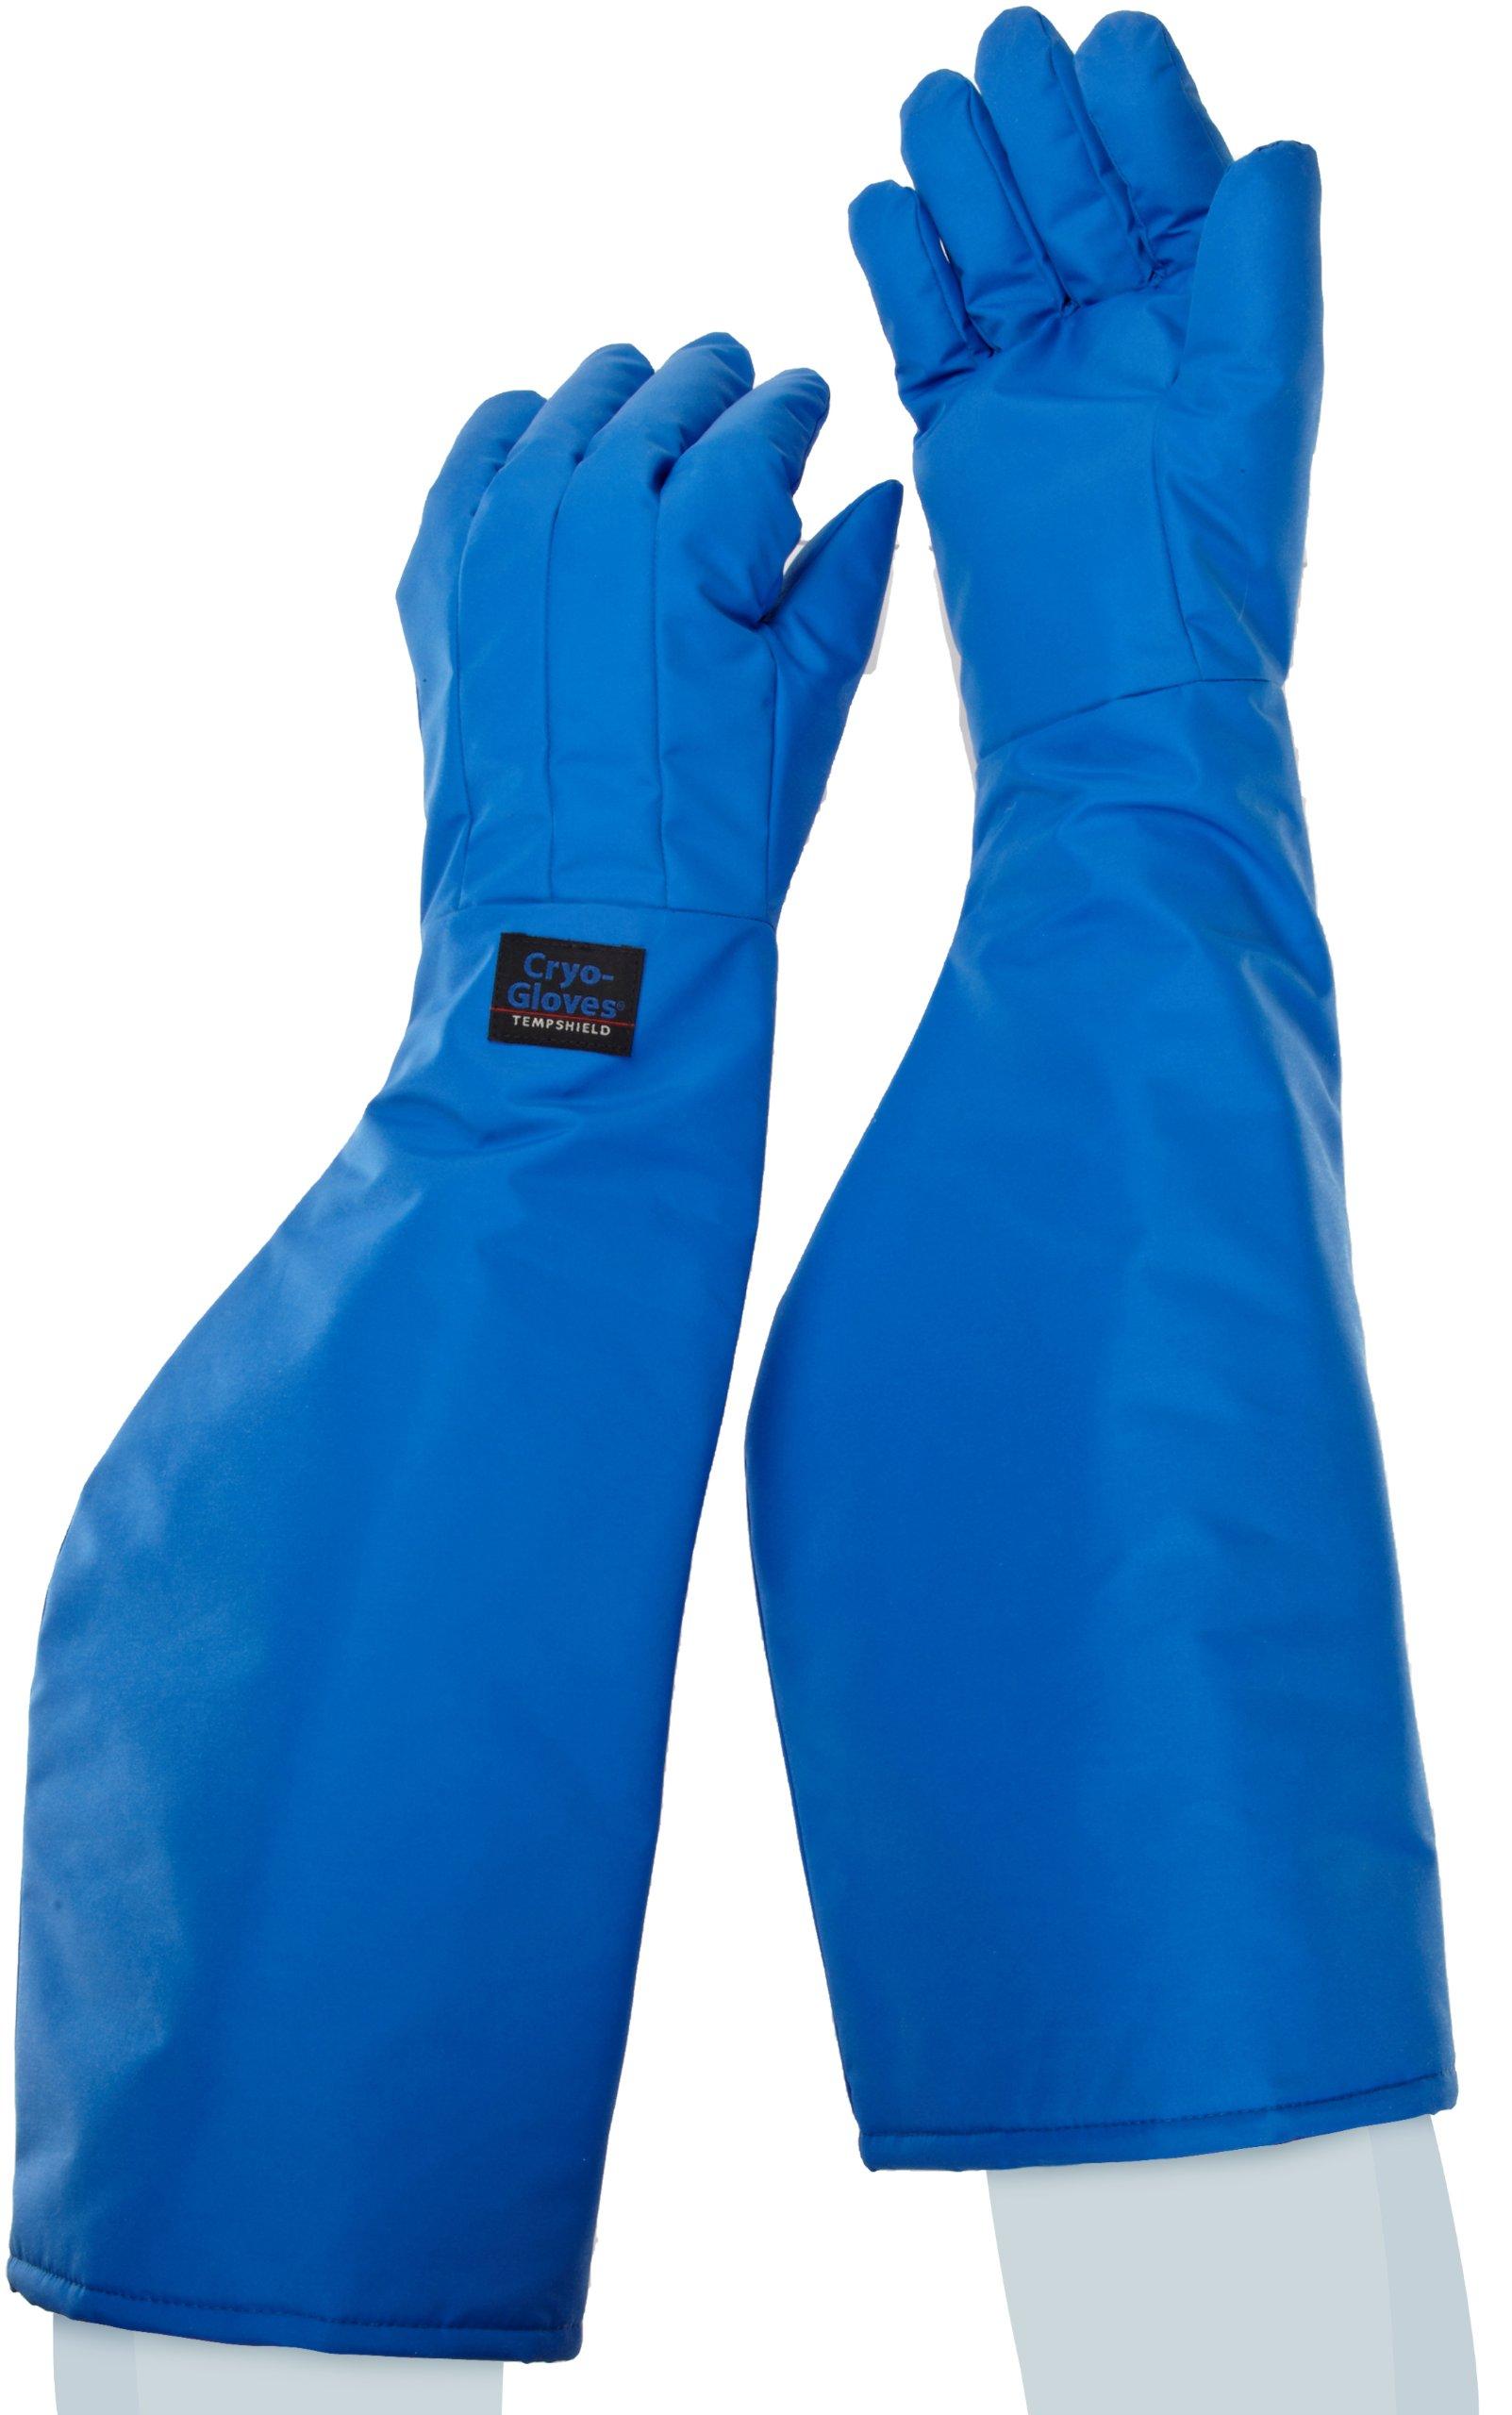 Cryo-Gloves SHXL Cryogenic Gloves, Shoulder Length, Extra Large